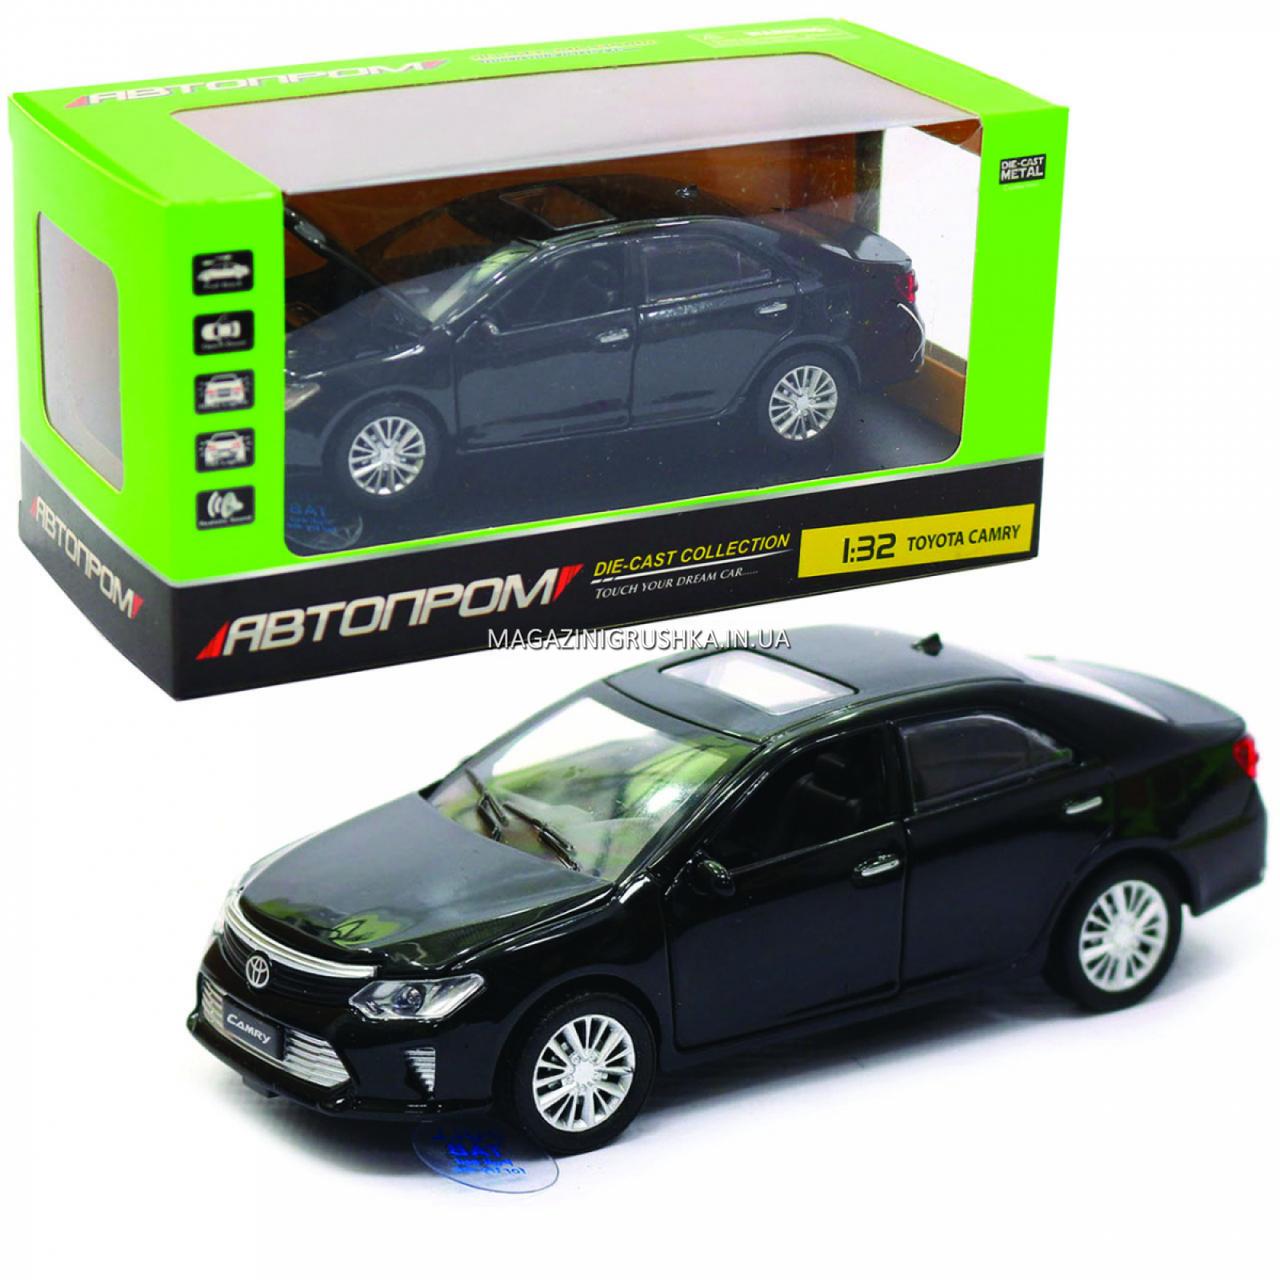 Машинка игровая автопром «Toyota Camry» Тойота, металл, 14 см, черный (свет, звук, двери открываются) 7814